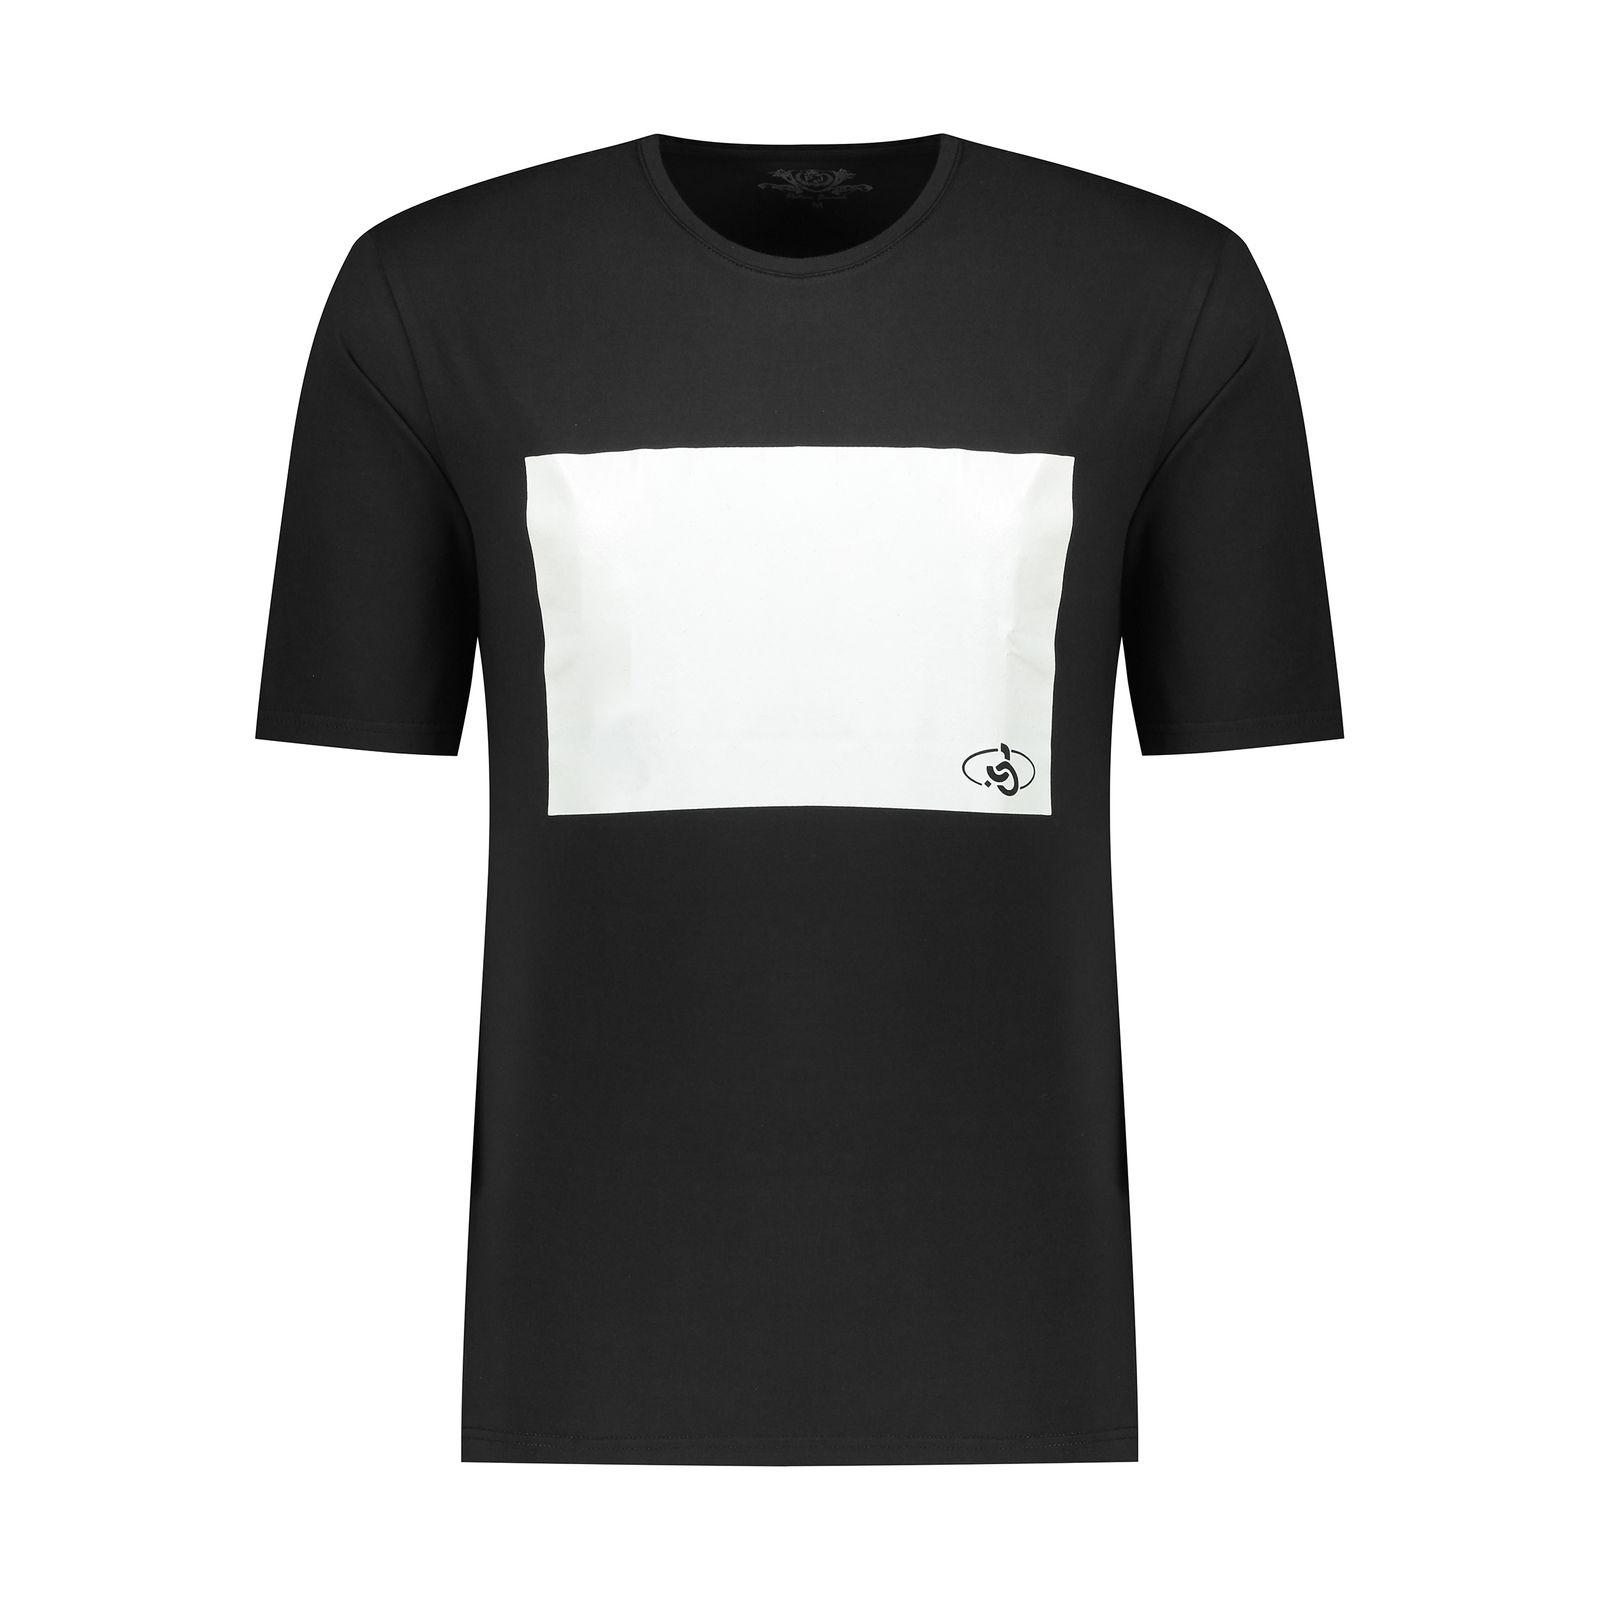 تی شرت مردانه پاتن جامه مدل 99M5224 رنگ مشکی -  - 2